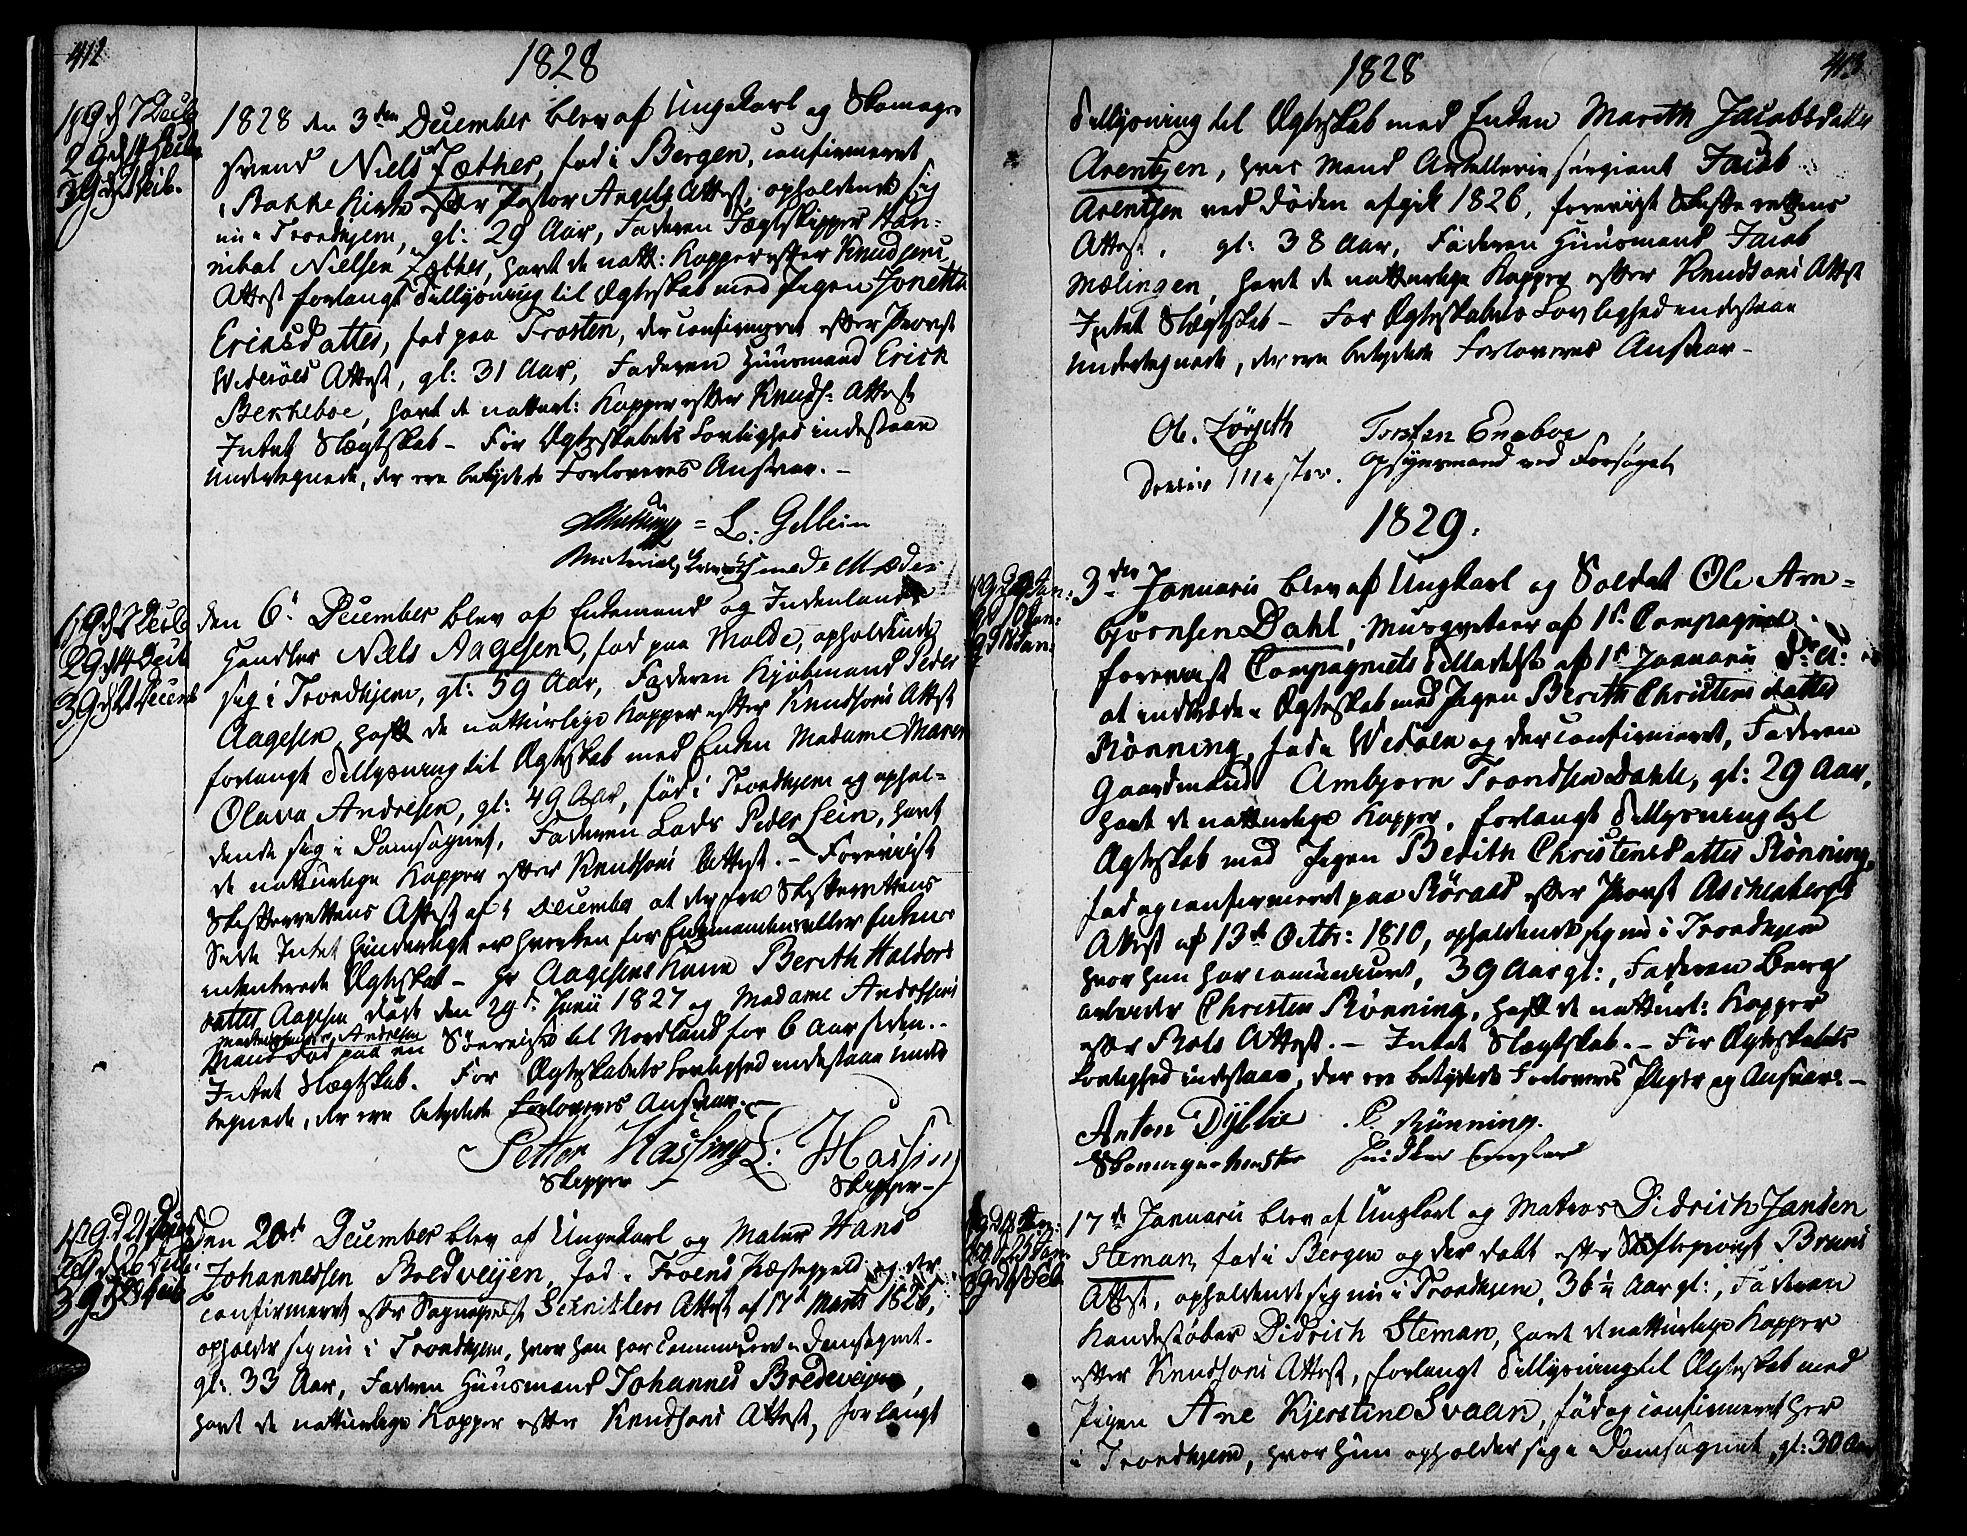 SAT, Ministerialprotokoller, klokkerbøker og fødselsregistre - Sør-Trøndelag, 601/L0042: Ministerialbok nr. 601A10, 1802-1830, s. 412-413